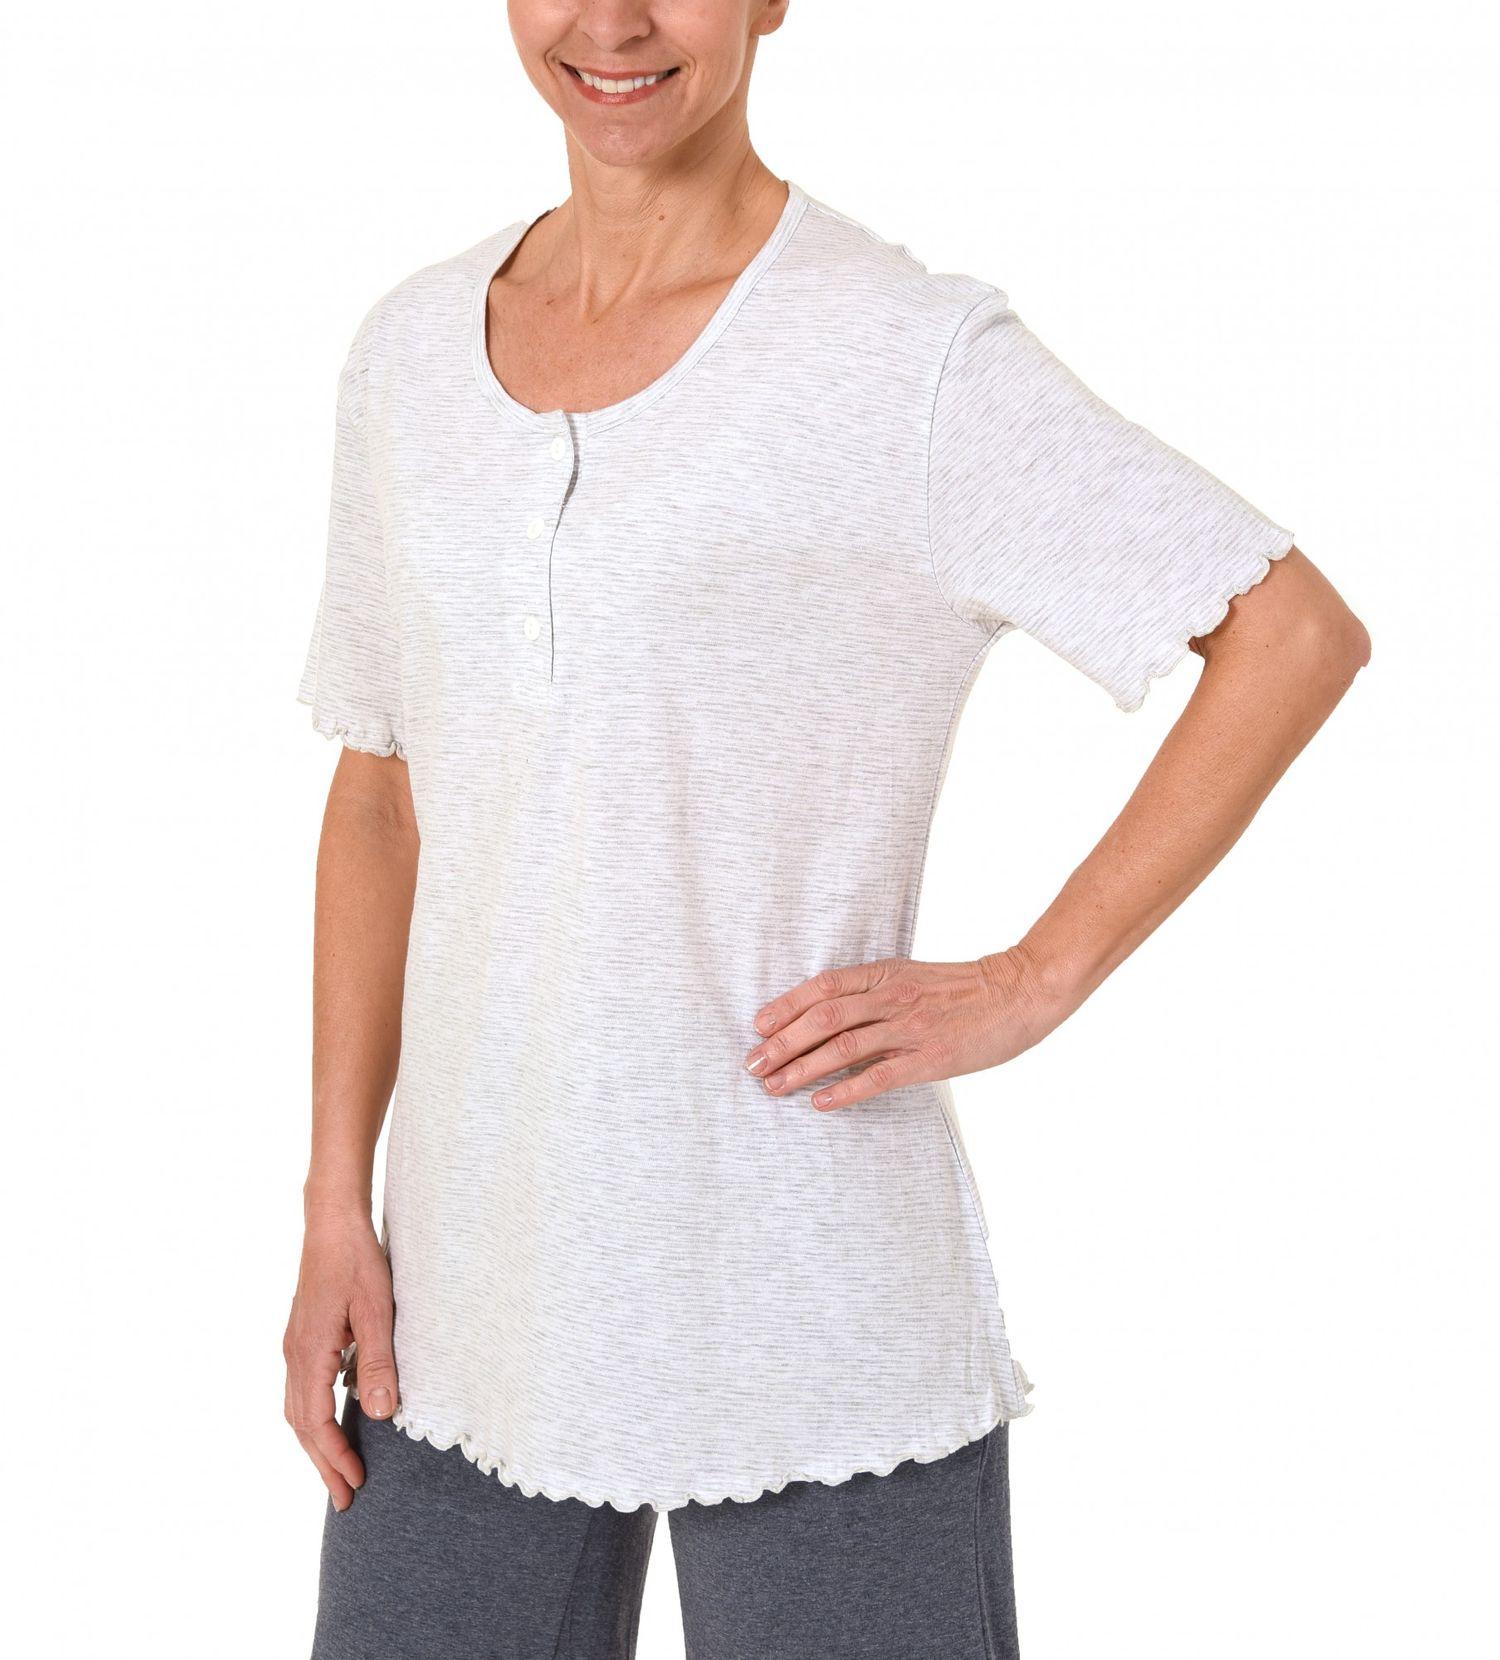 Damen Shirt  Oberteil - kurzarm Mix & Match Streifendessin – 171 220 90 903 – Bild 2